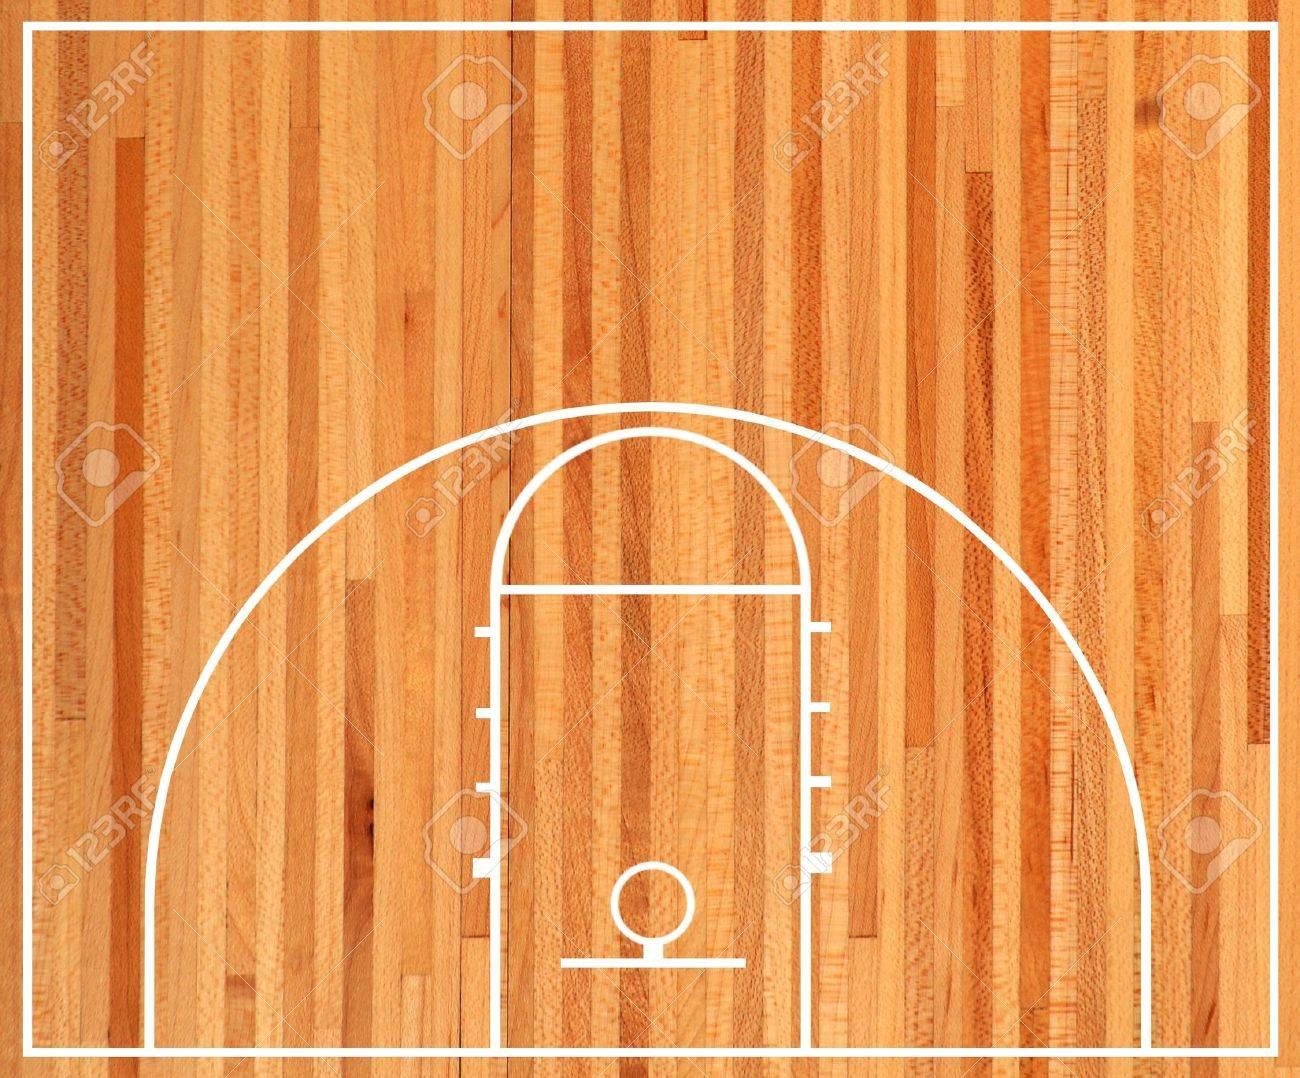 Basketball court floor plan on parquet background - 17066342